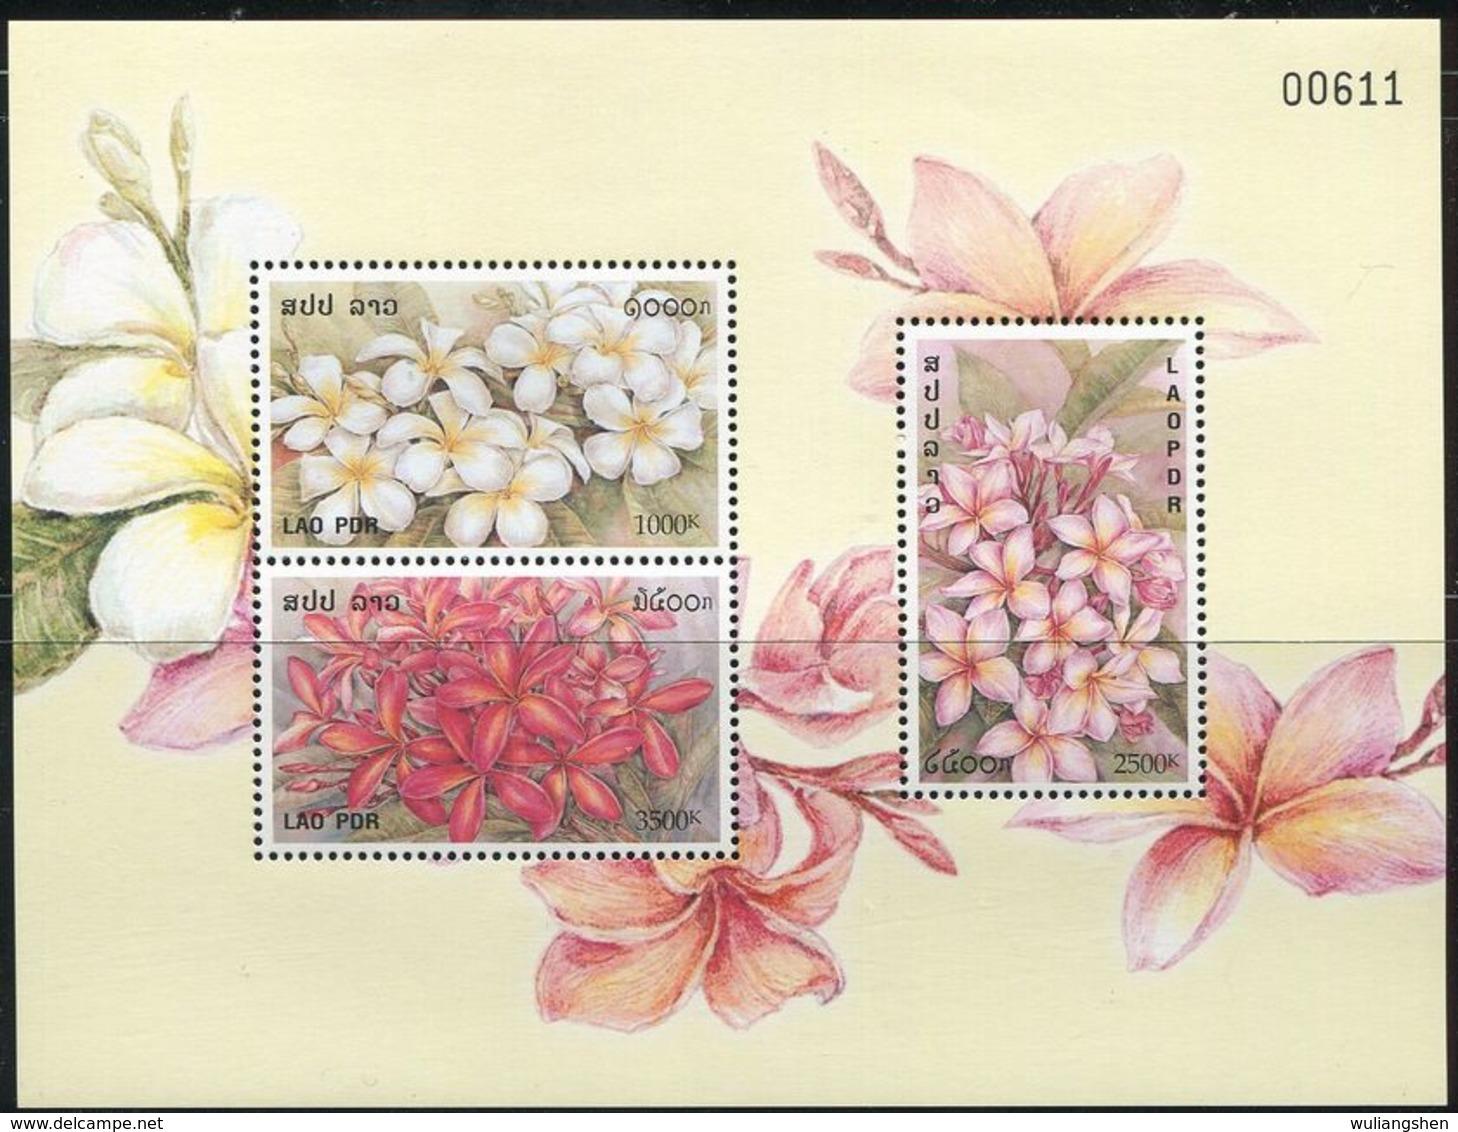 TA0068 Laos 2001 Various Flowers S/S MNH - Laos